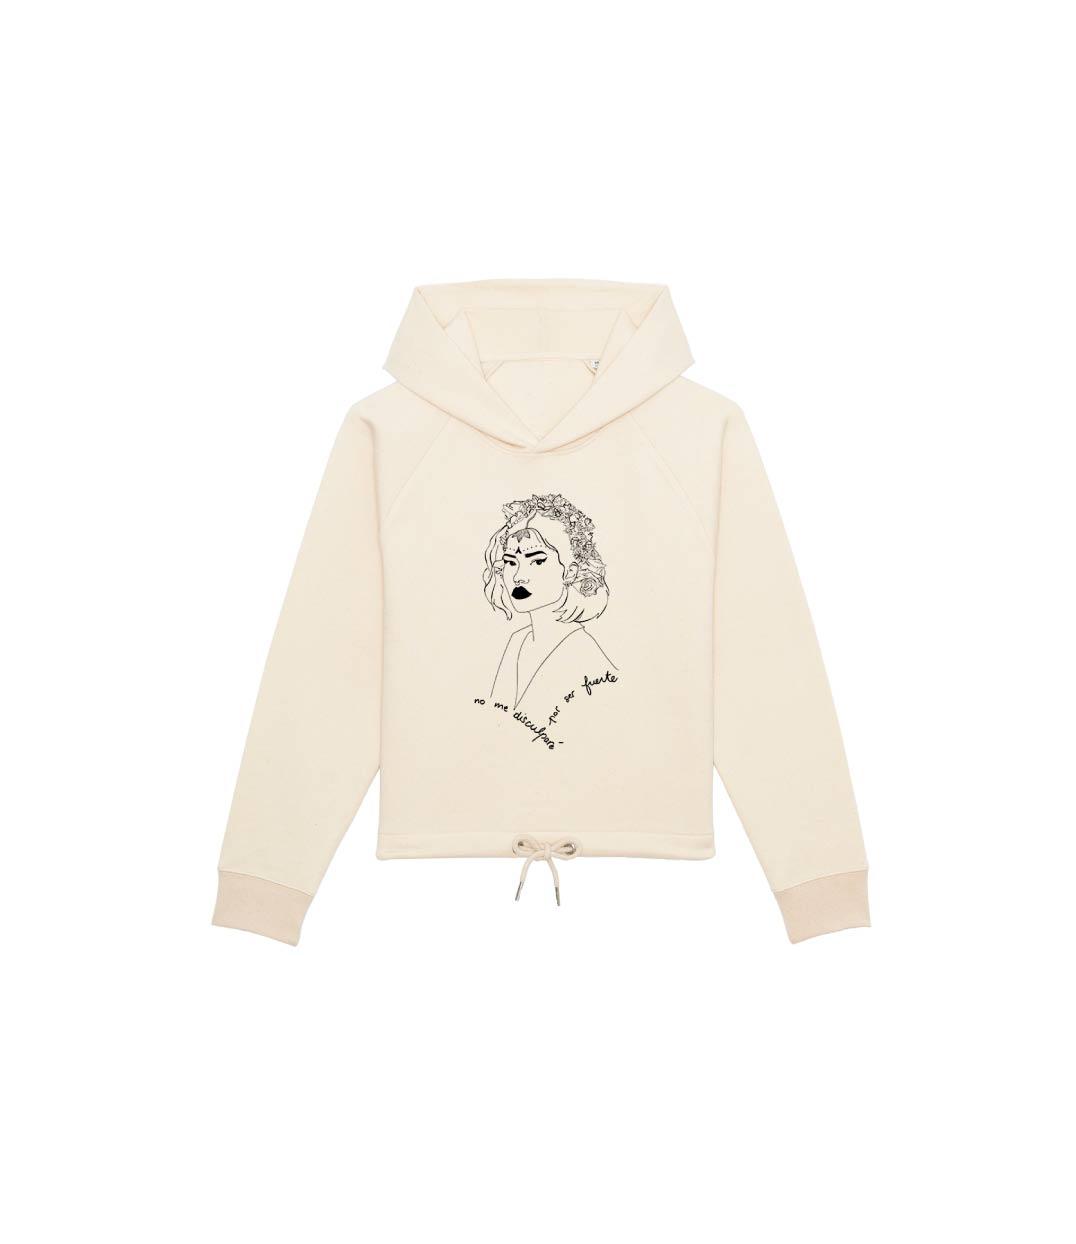 mockup sweatshirt à capuche beige avec dessin devant